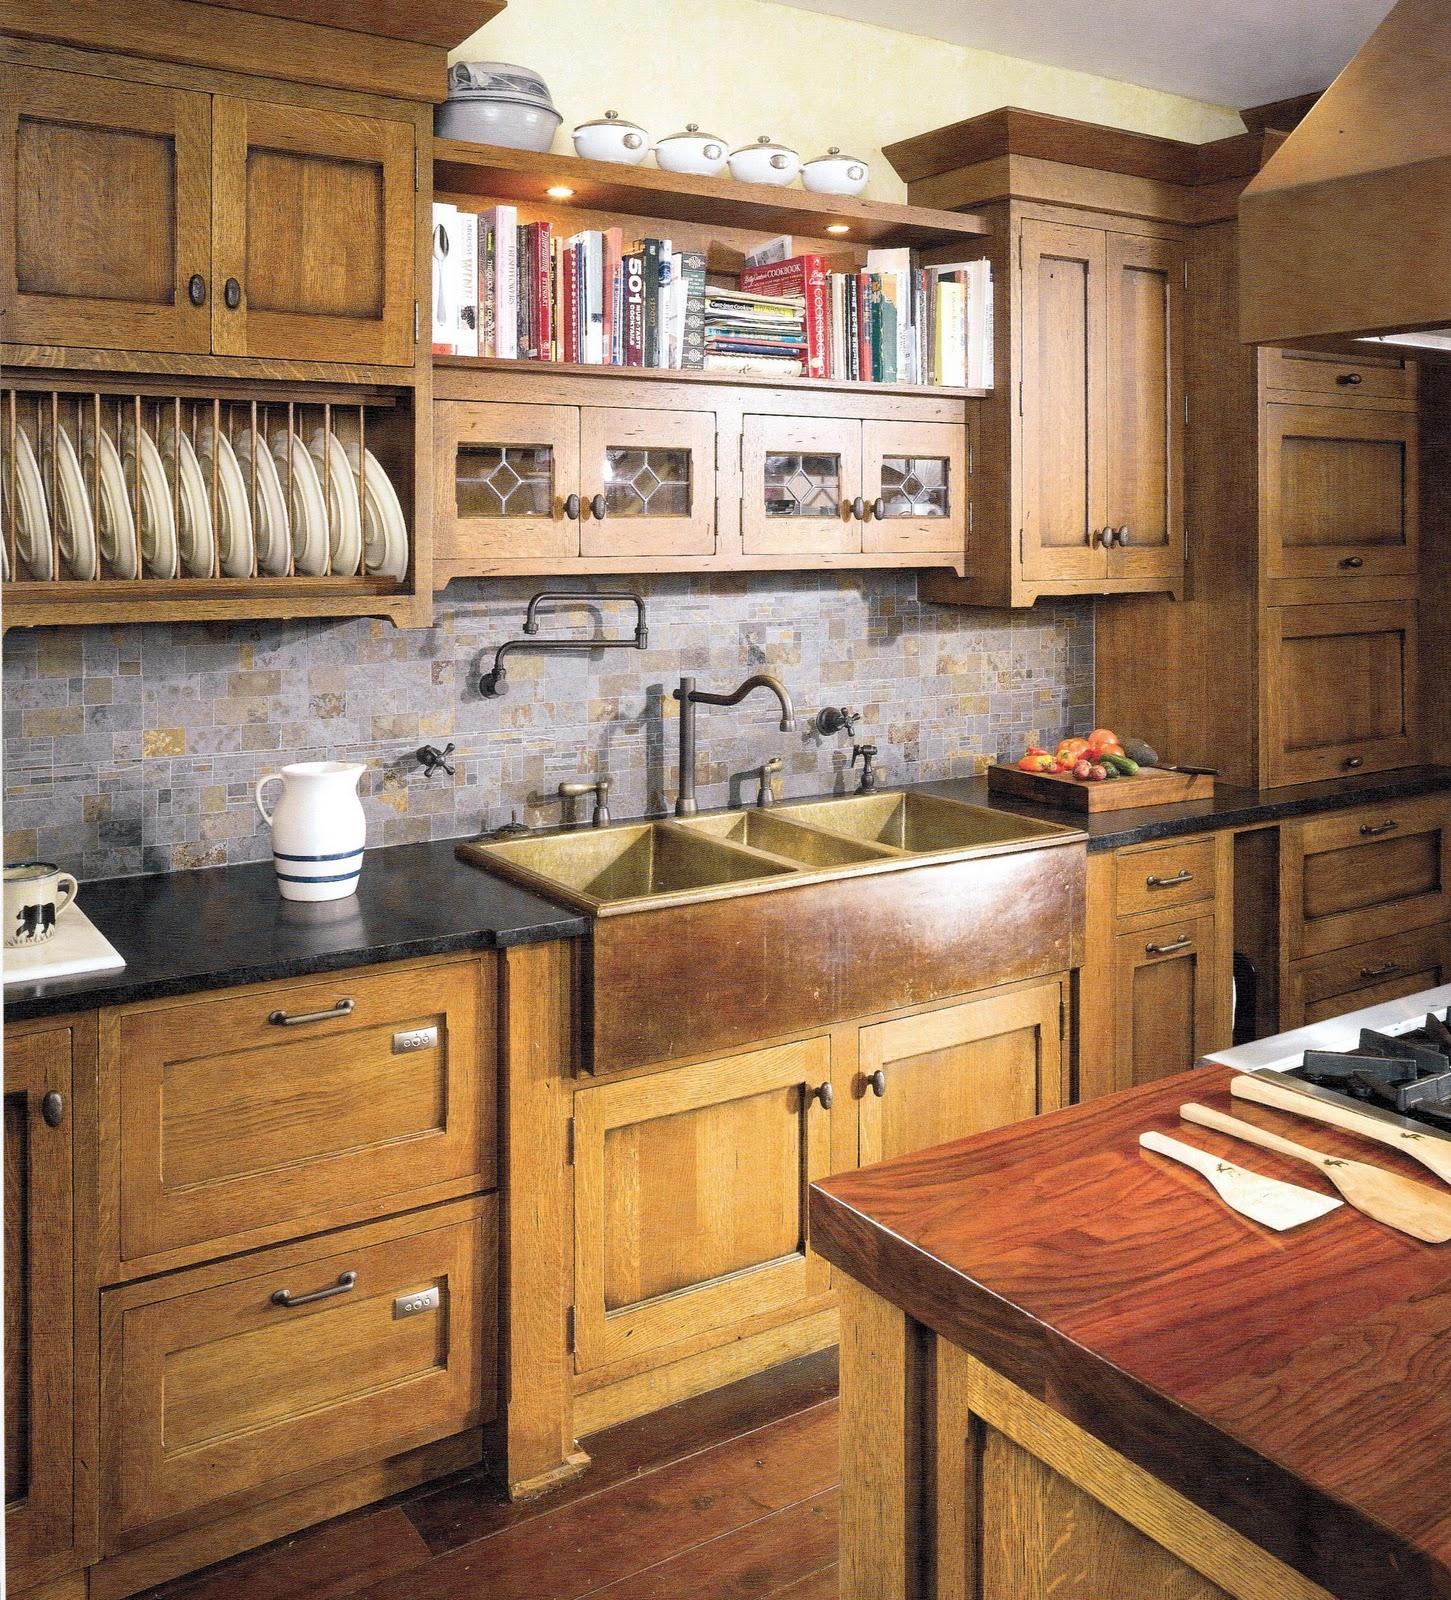 Craftsman Interiors Kitchen | afreakatheart